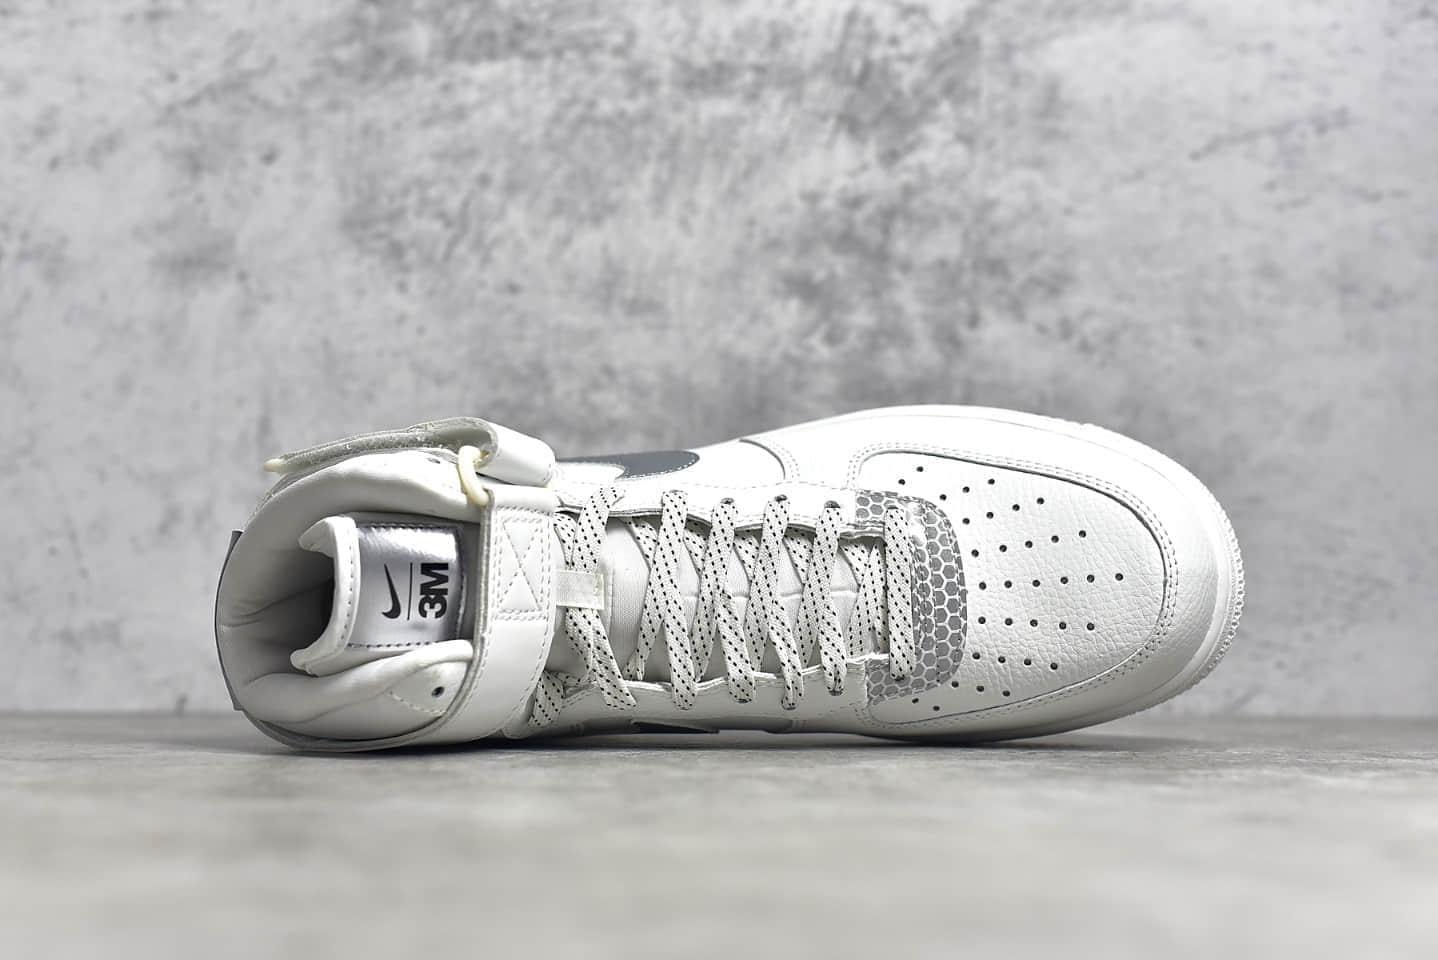 耐克空军一号3M反光公司联名高帮 Nike Air Force 1 x 3M 耐克空军反光高帮板鞋 货号:CU4159-100-潮流者之家